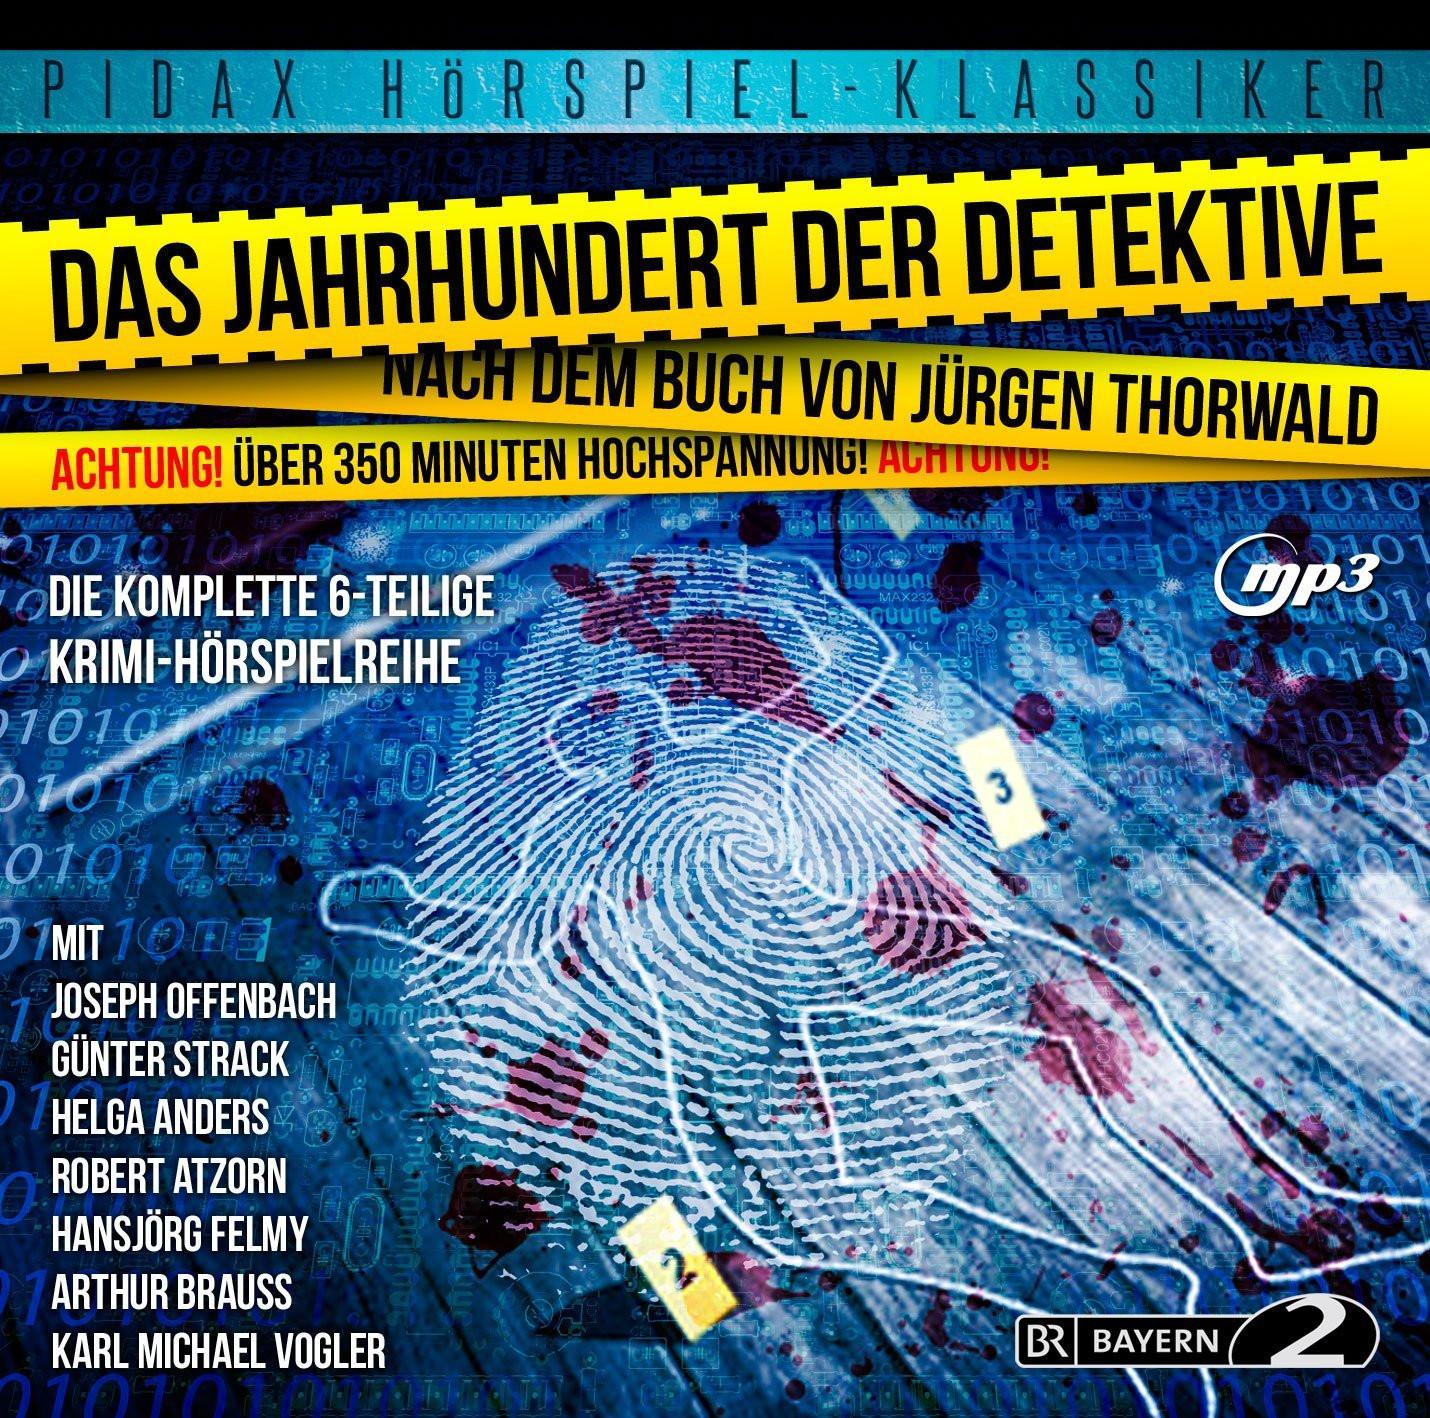 Pidax Hörspiel Klassiker - Das Jahrhundert der Detektive